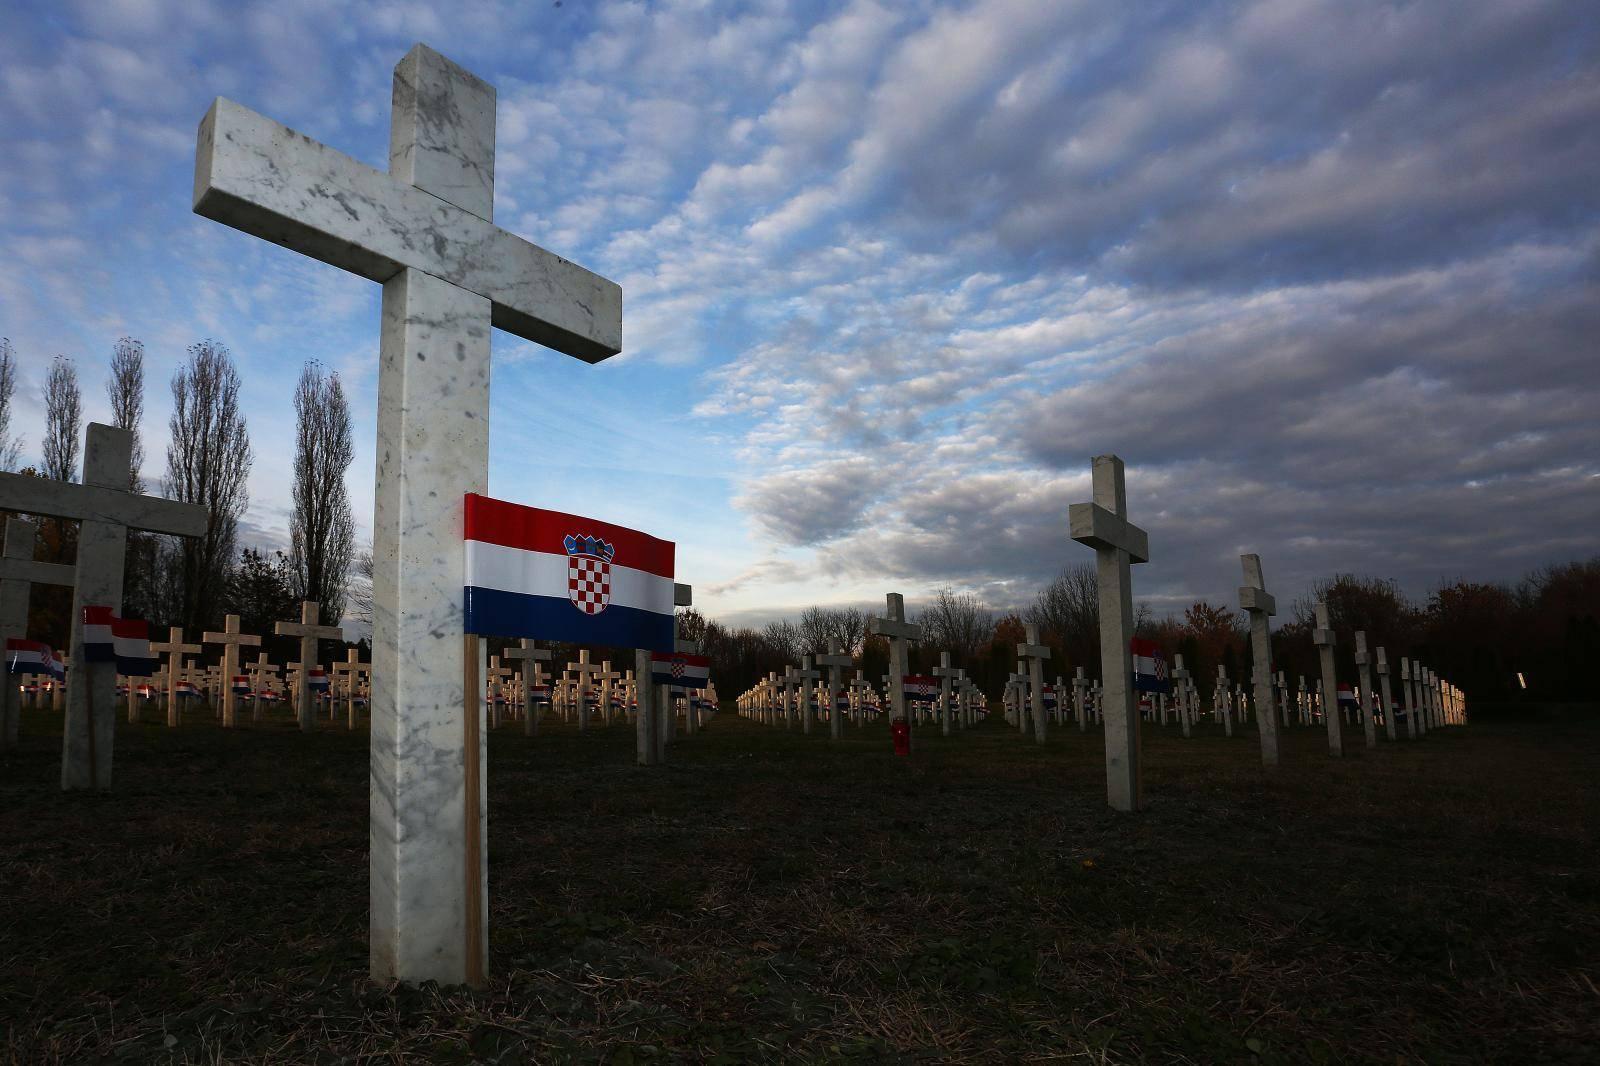 Iskapanja na Ovčari: Vojska i MUP traže još jednu grobnicu?